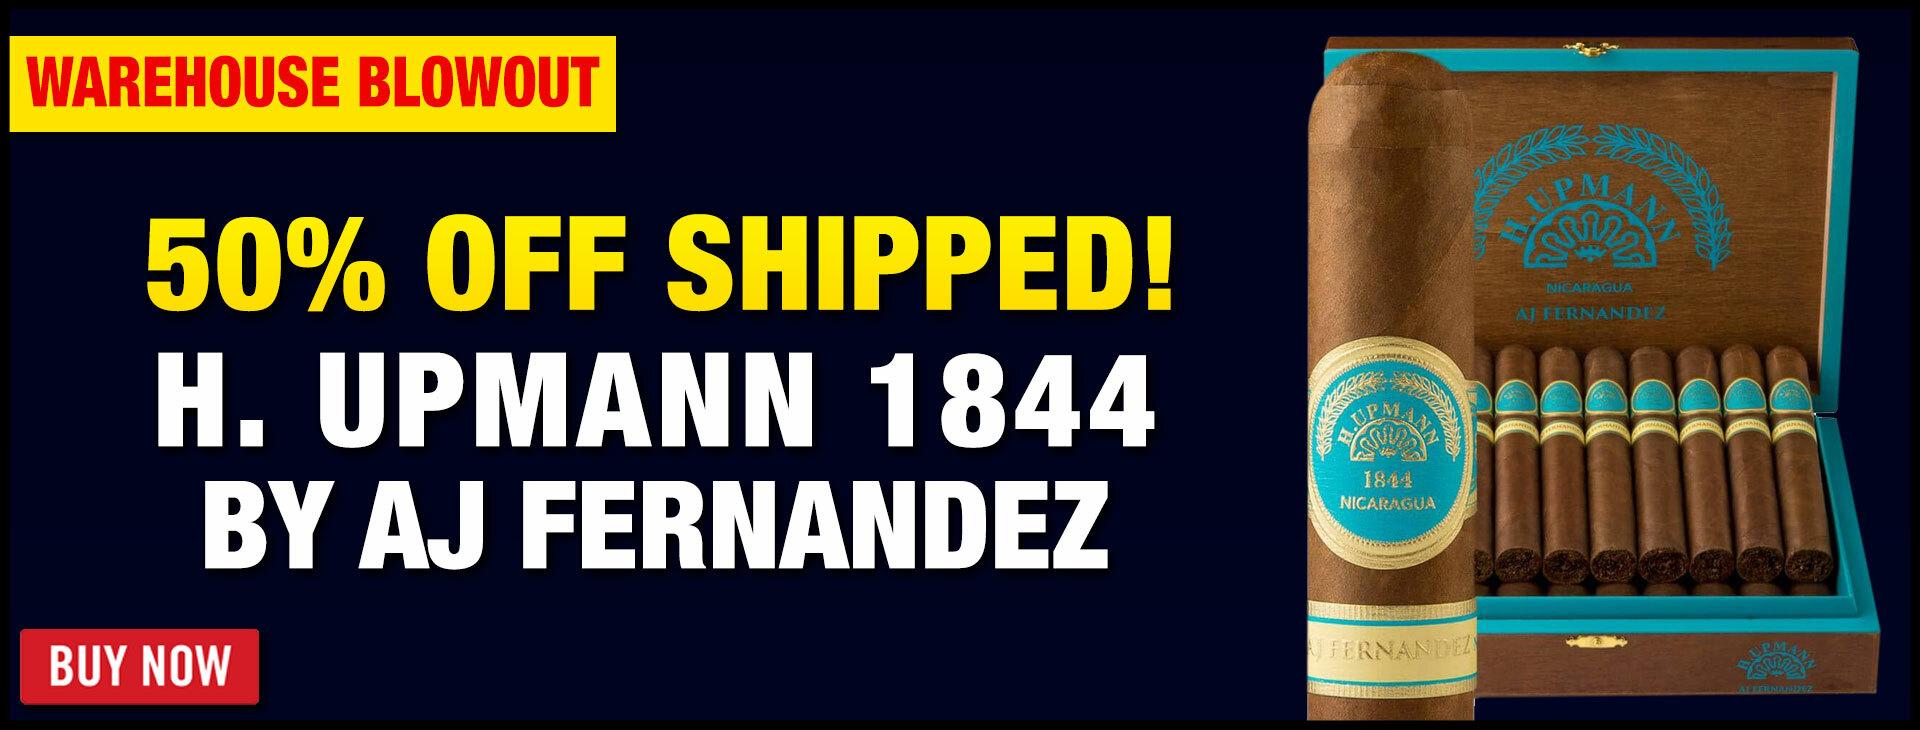 50% OFF Upmann By AJ Fernandez!